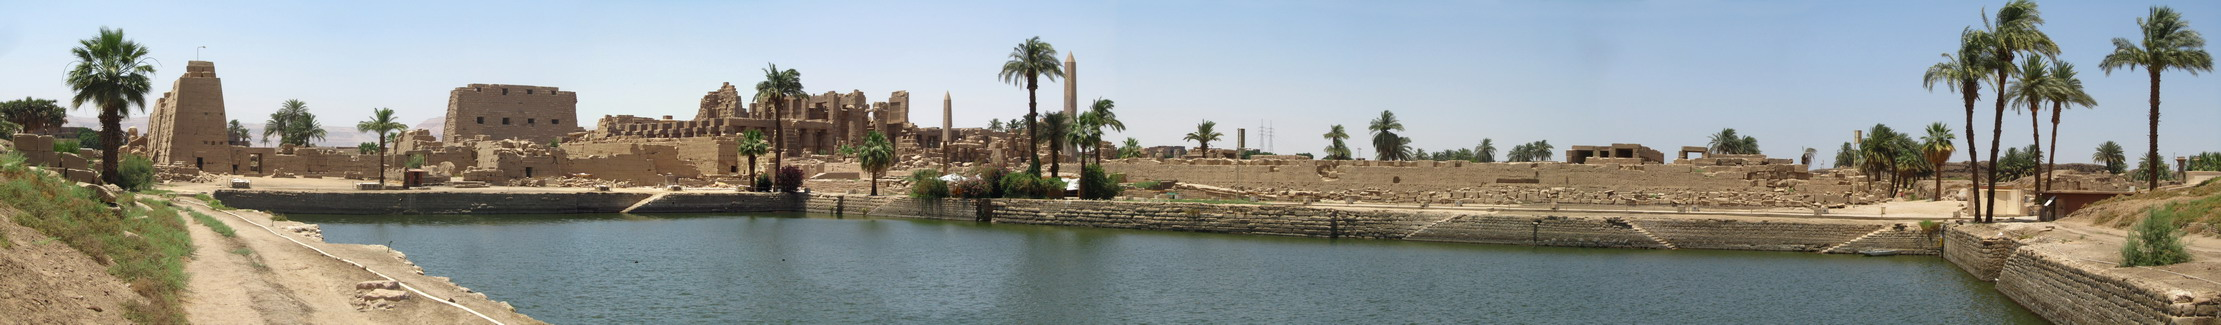 Panorama Heilig meer - Karnak